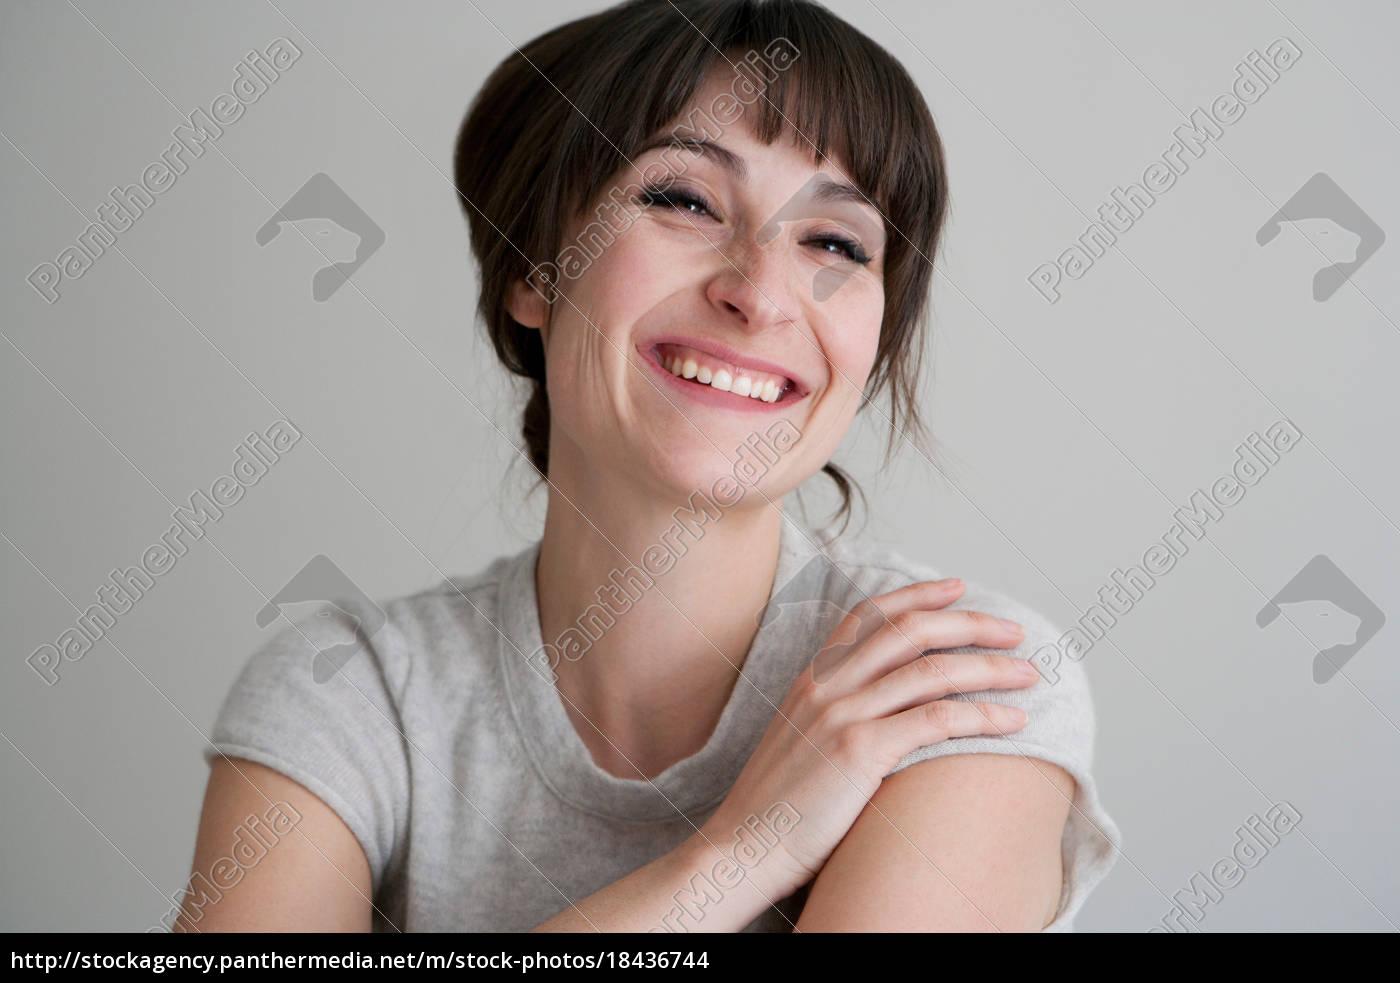 nahaufnahme, der, lächelnden, frau - 18436744